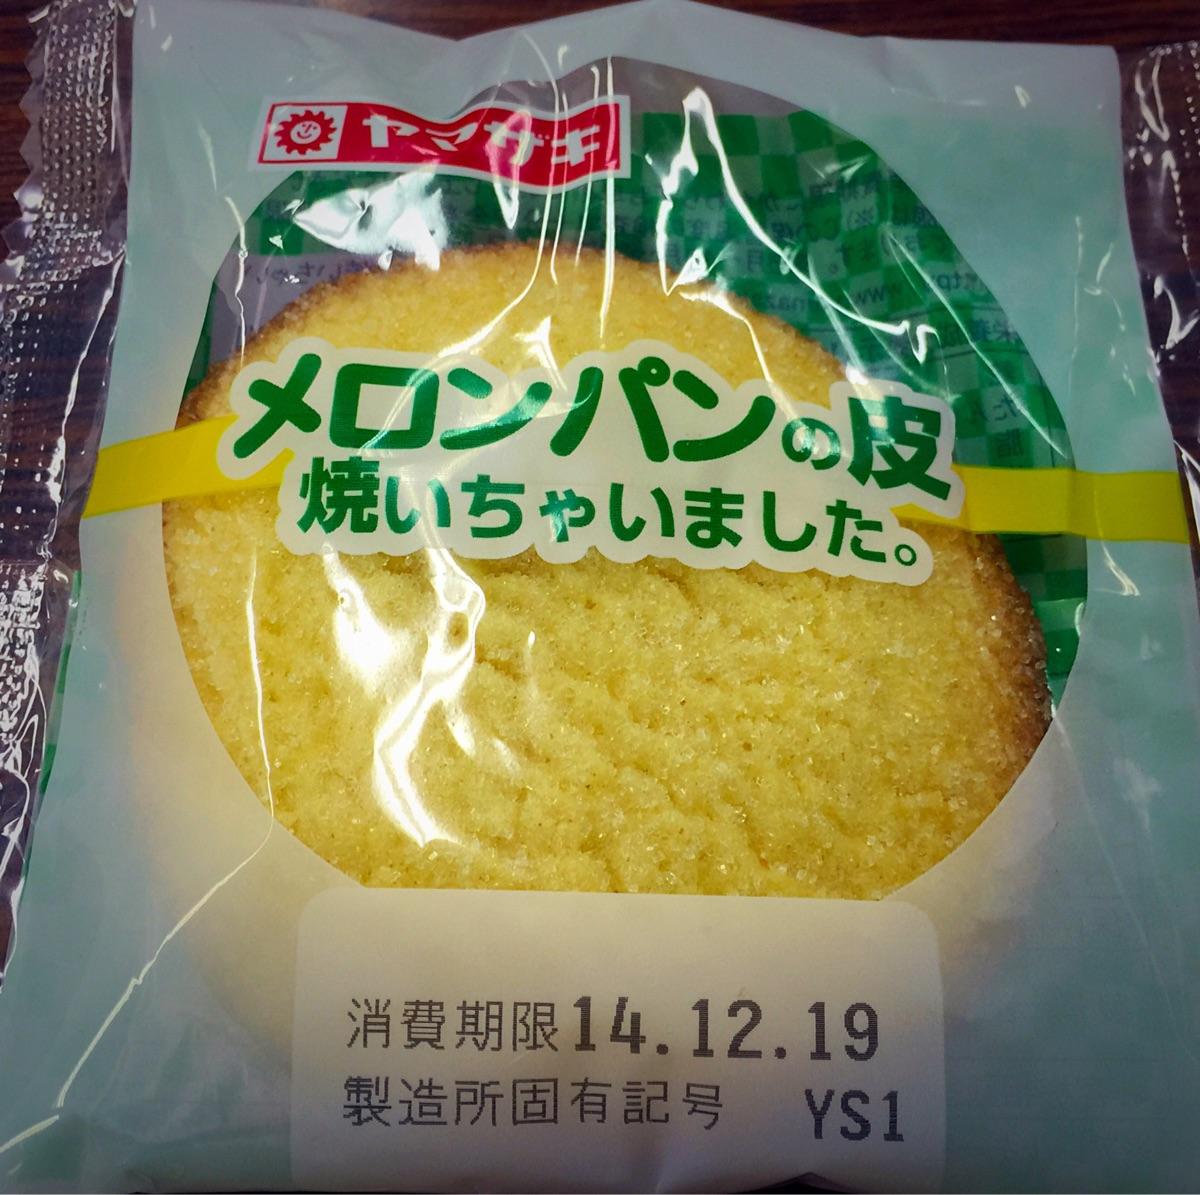 ヤマザキ メロンパンの皮 焼いちゃいました